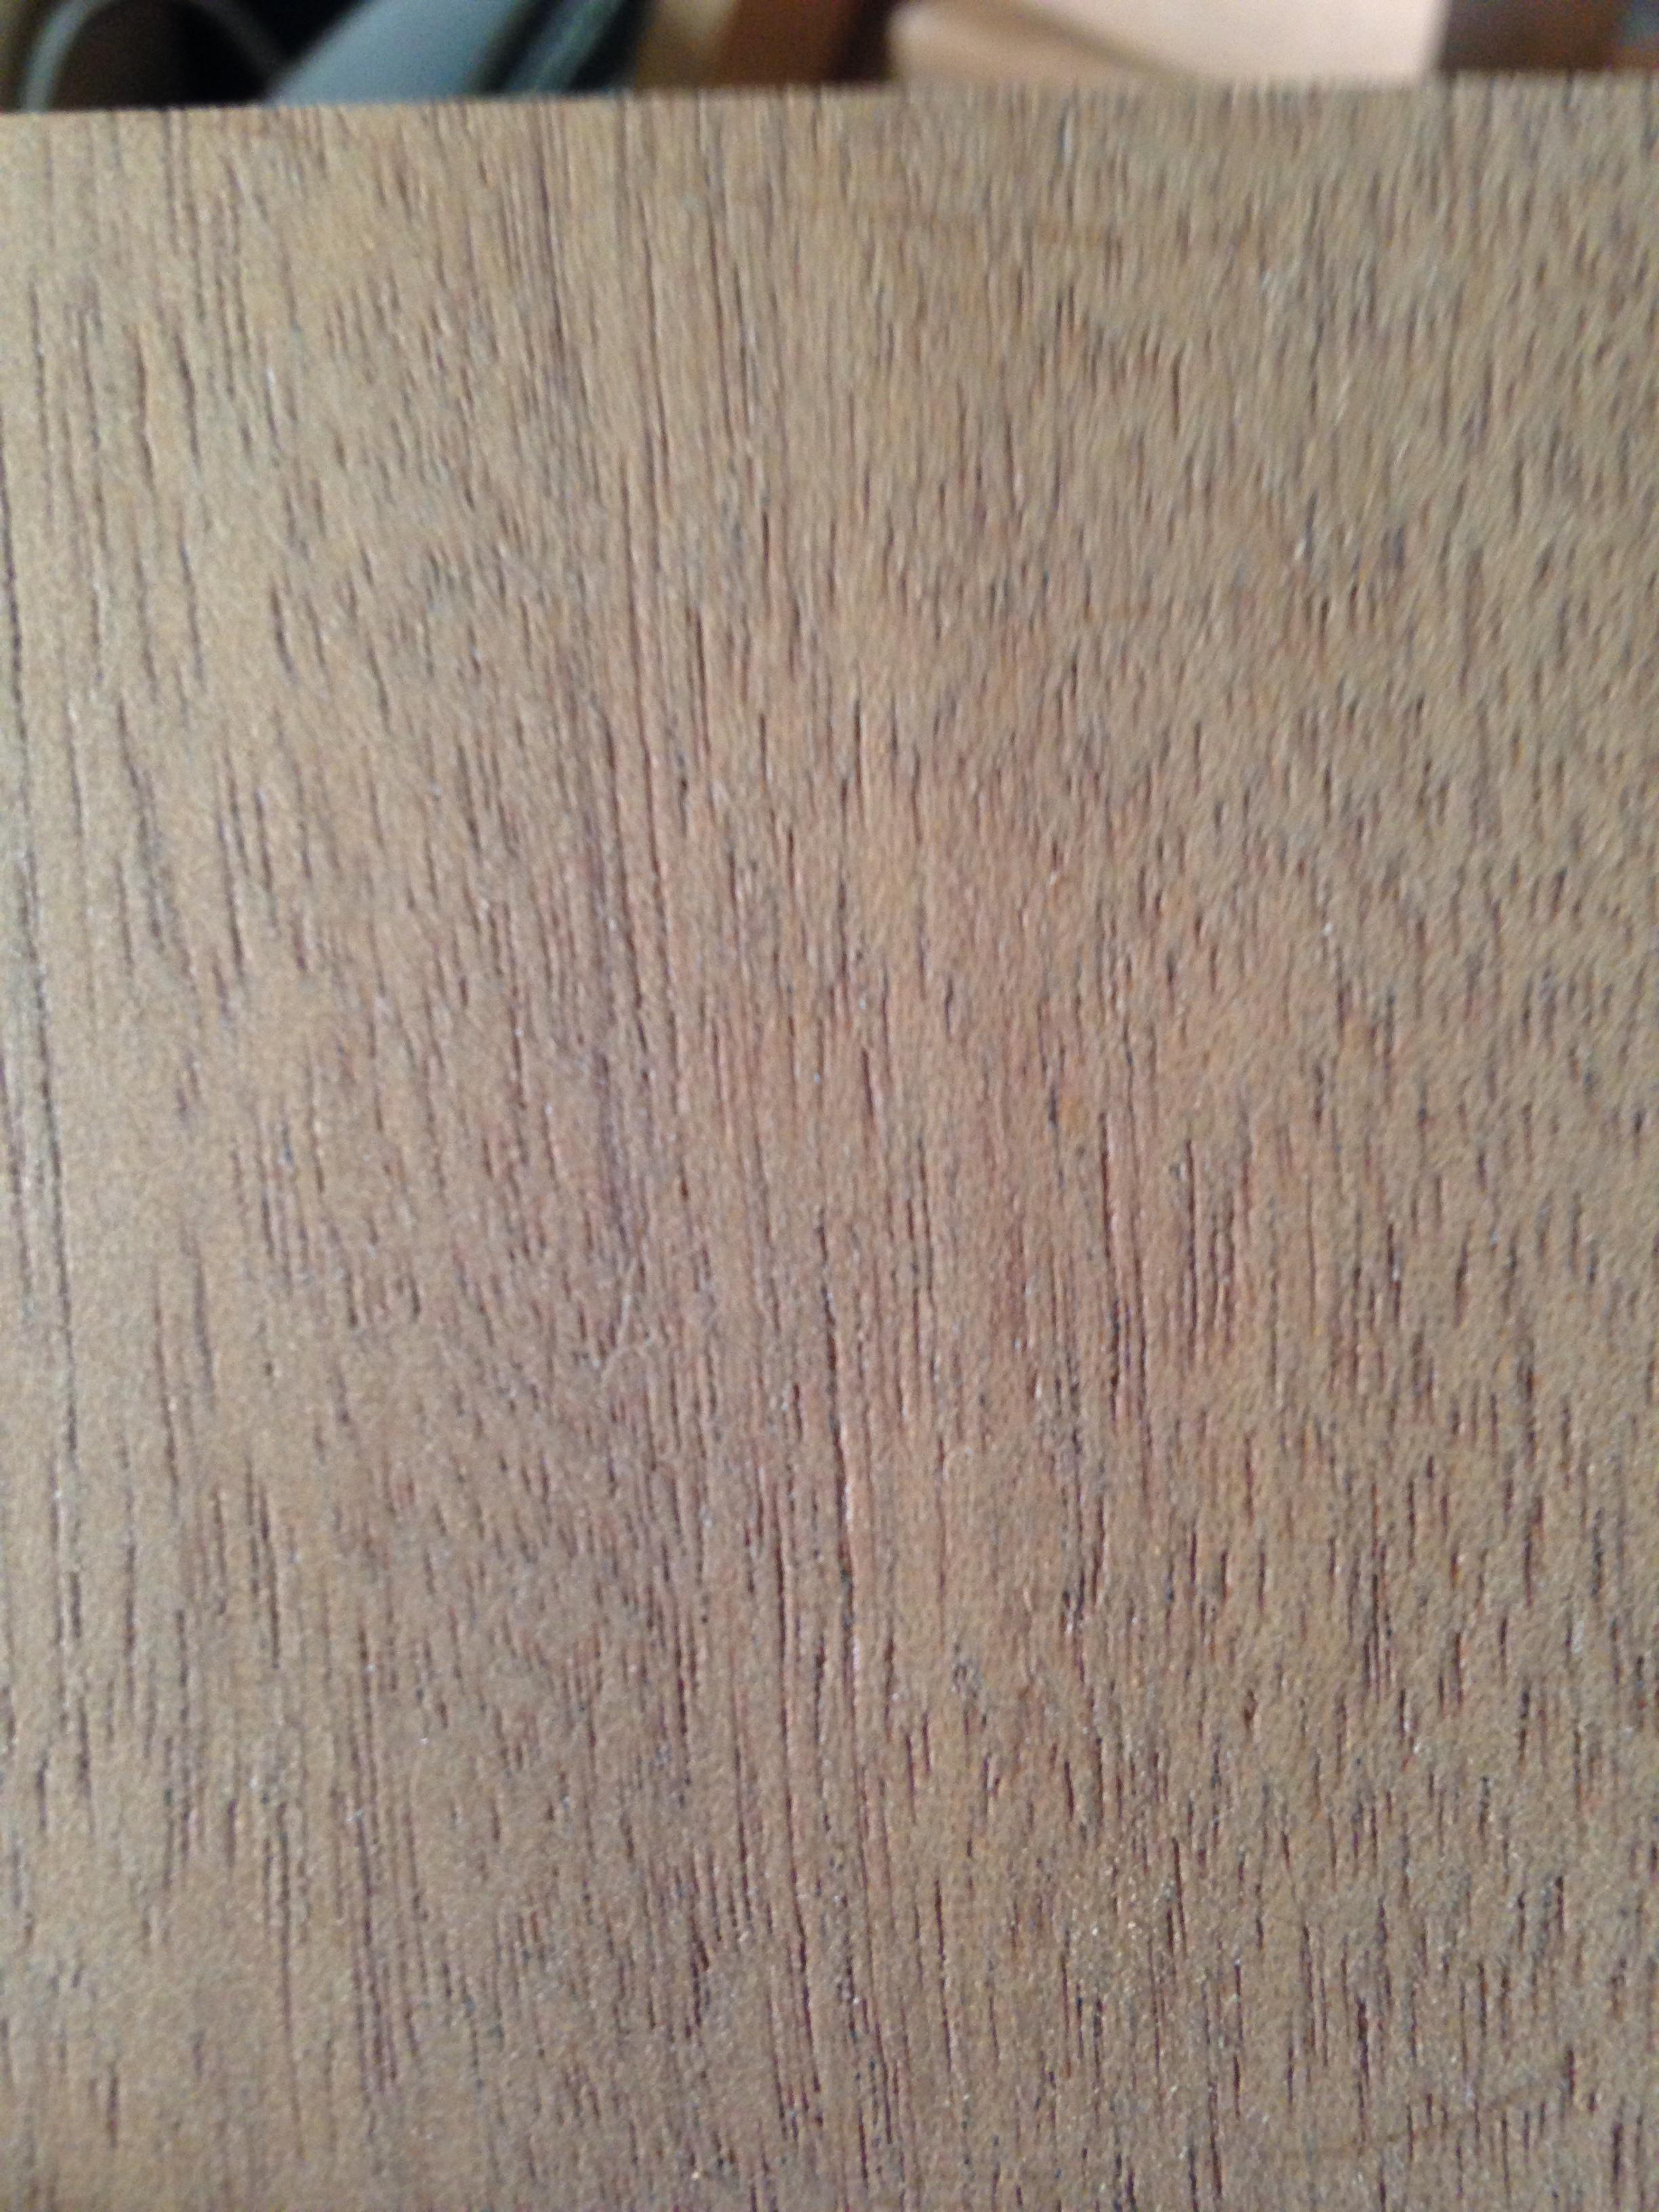 Honduran mahogany